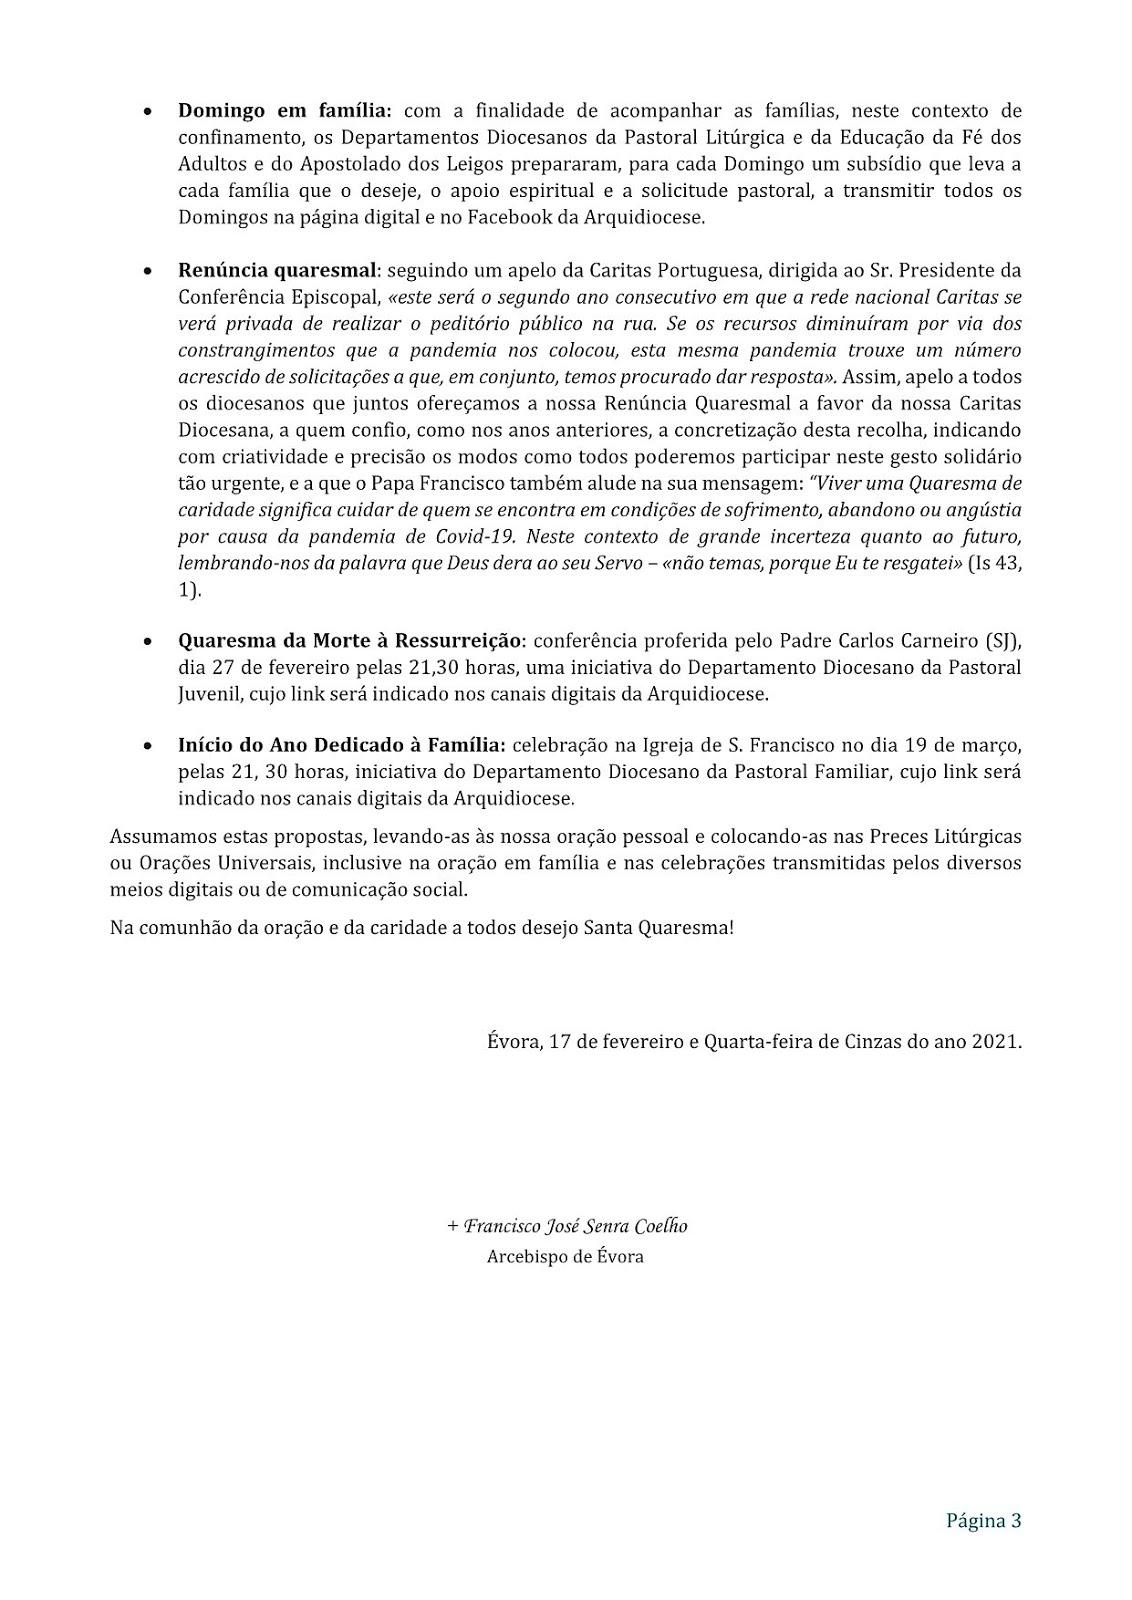 MENSAGEM PARA A QUARESMA - 3/3